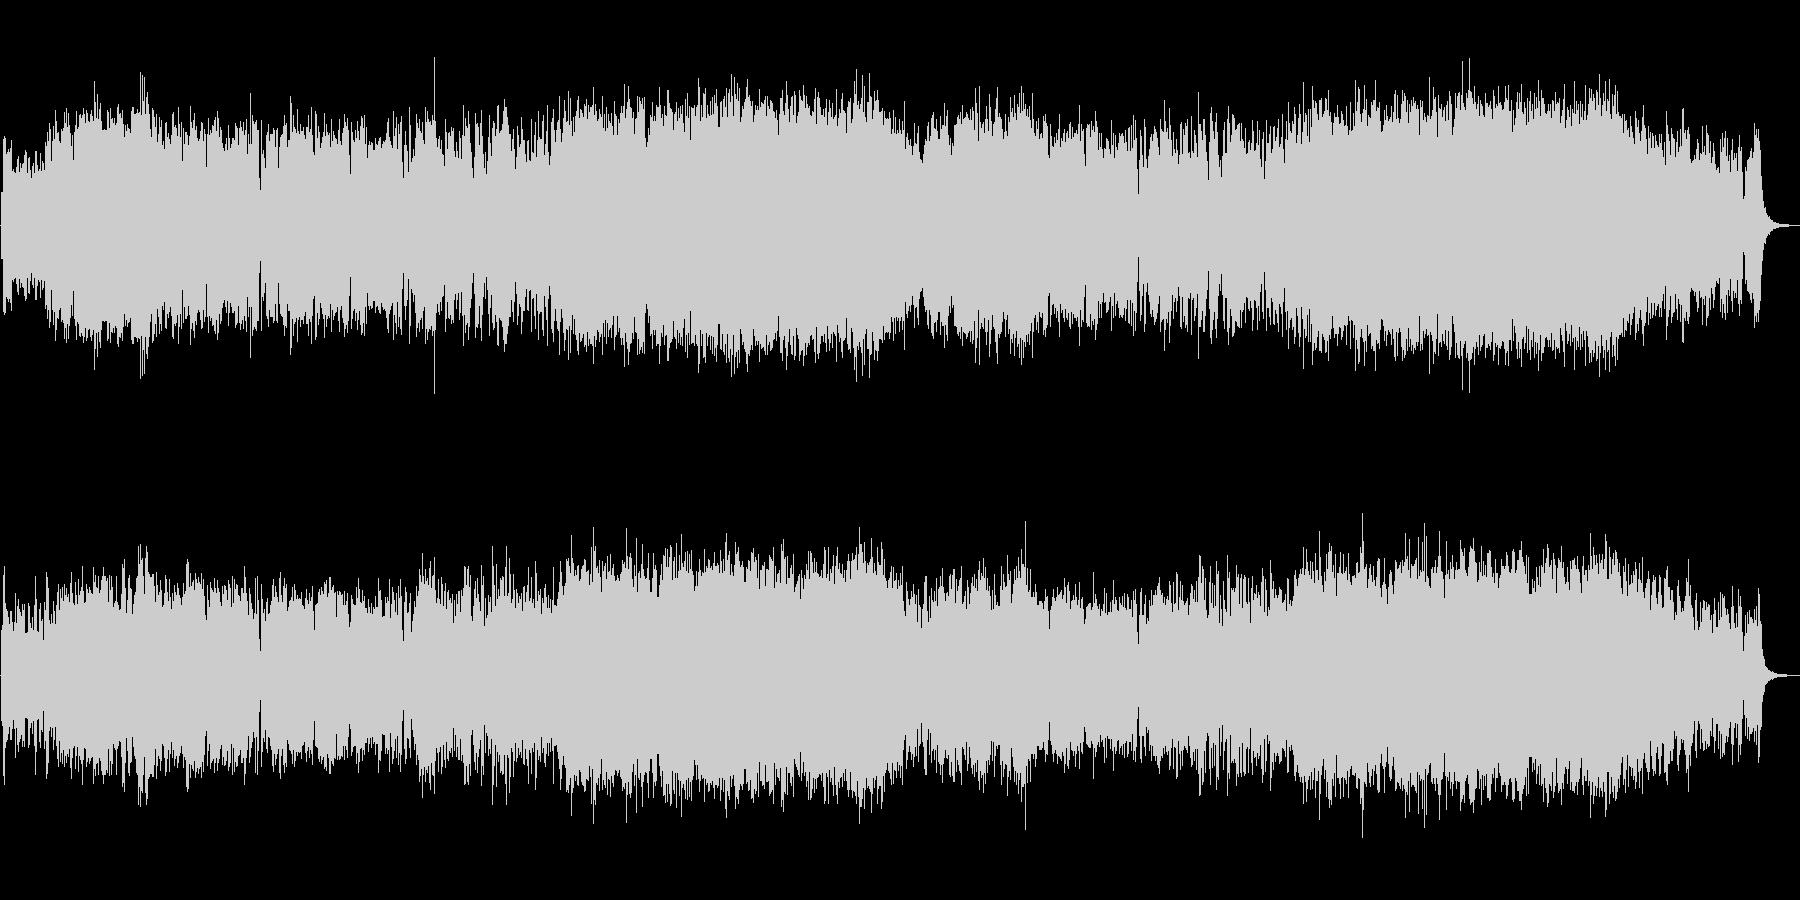 生演奏バイオリン/疾走感/オープニングの未再生の波形